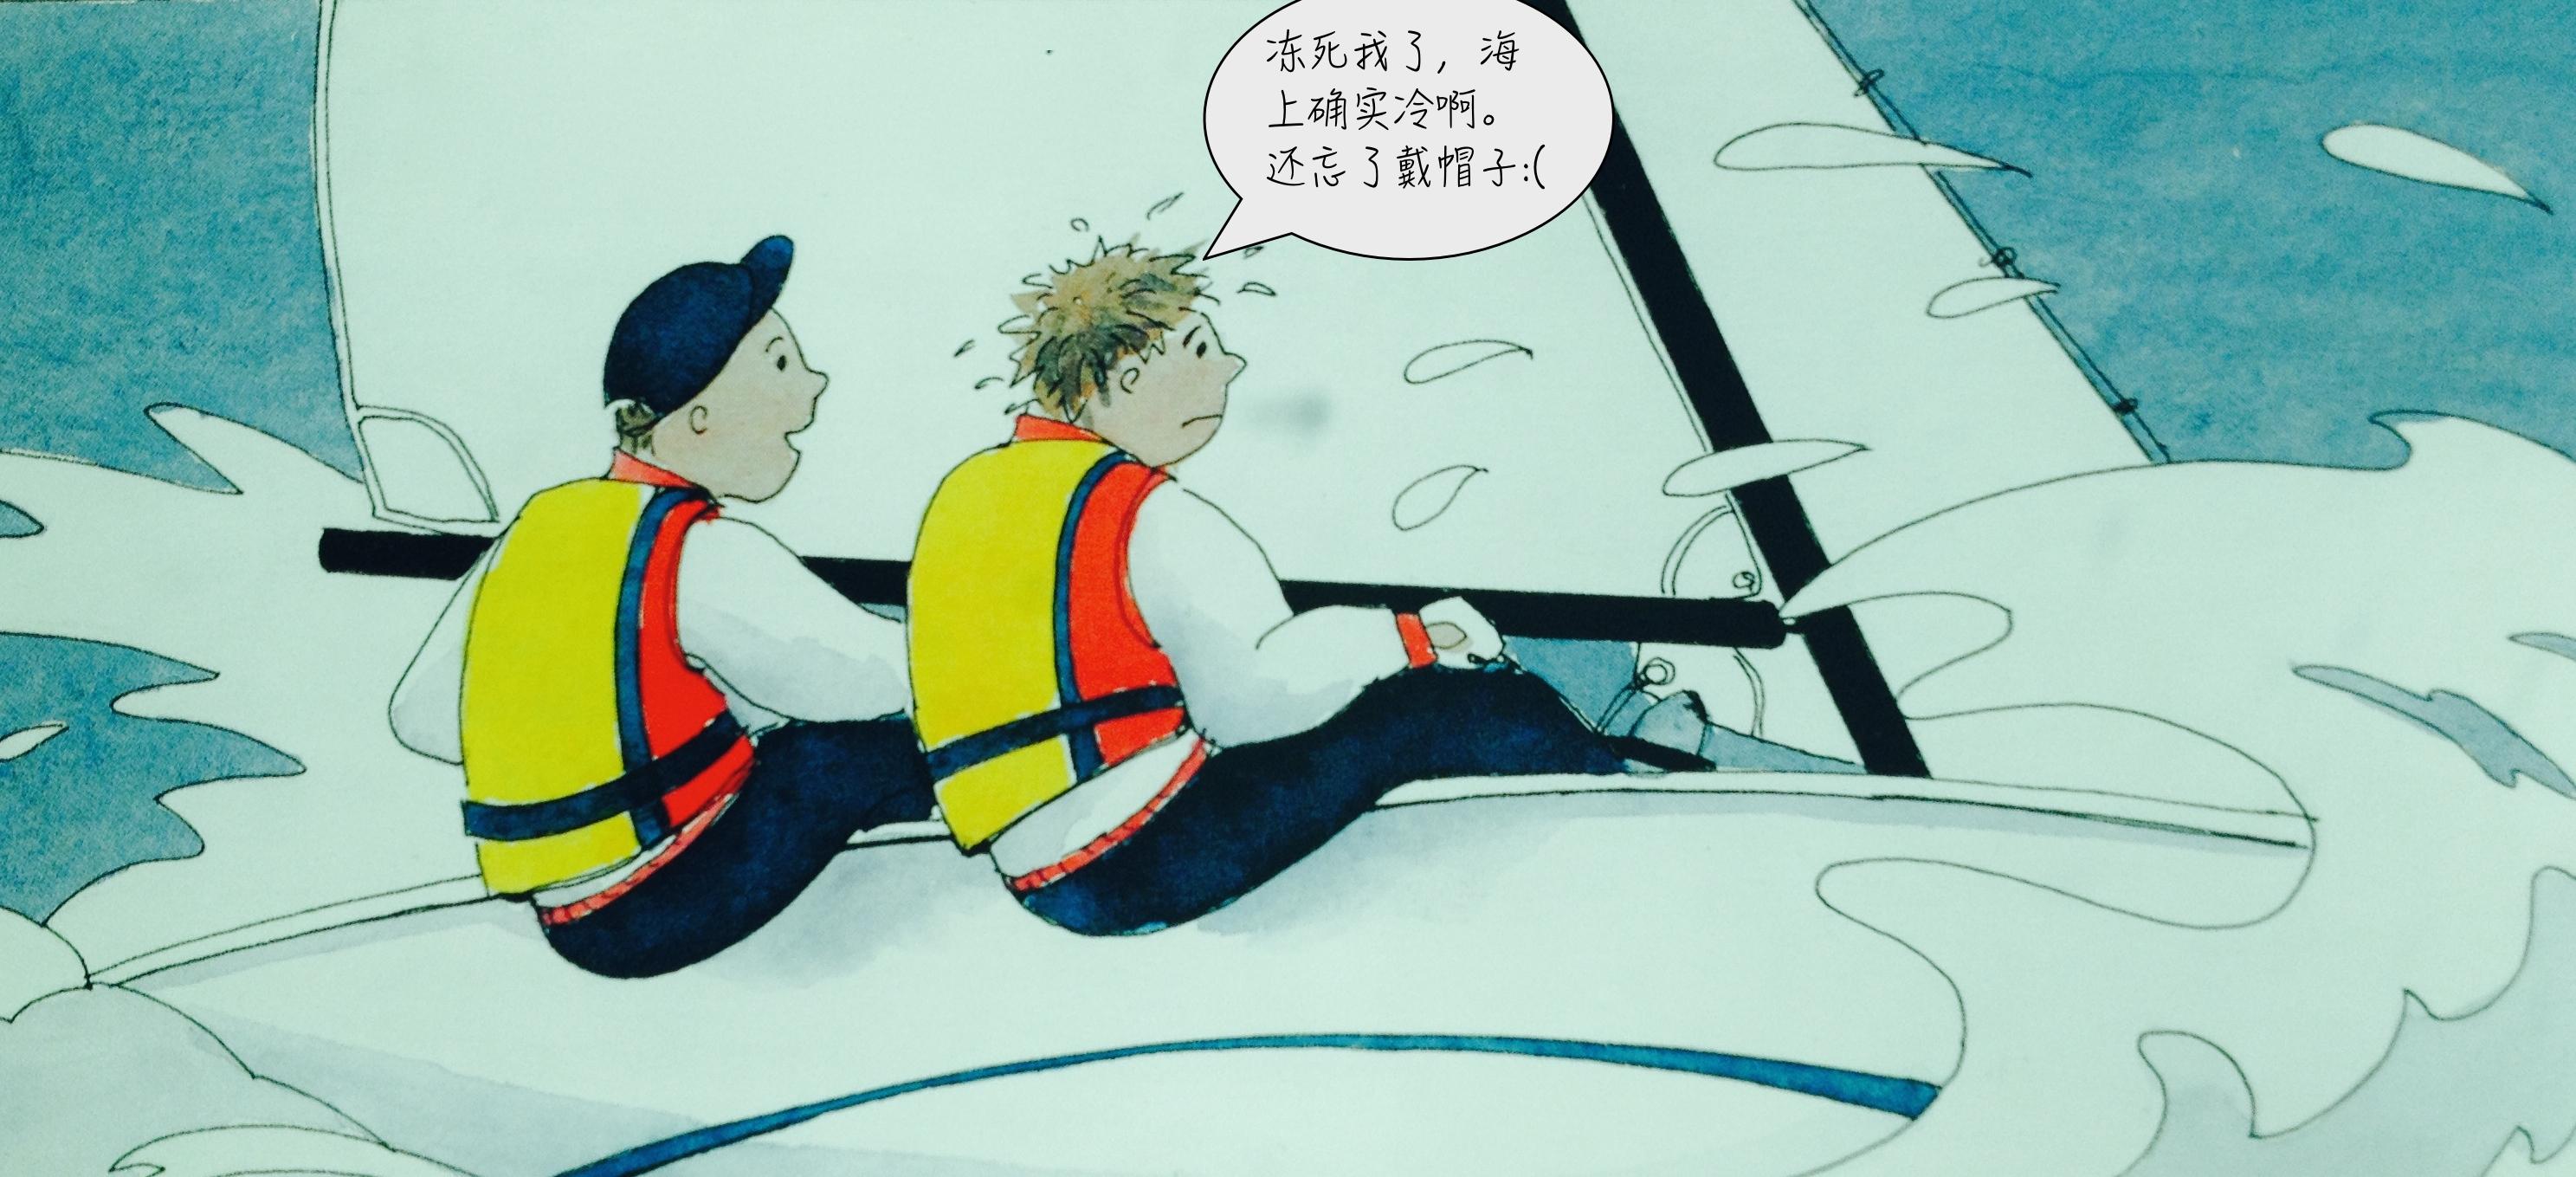 俱乐部,救生衣,防水盒,装备,帆船 刚开始你并不需要购买一大堆昂贵的航海装备,可以借用俱乐部提供的保暖服和救生衣。 3d.jpg